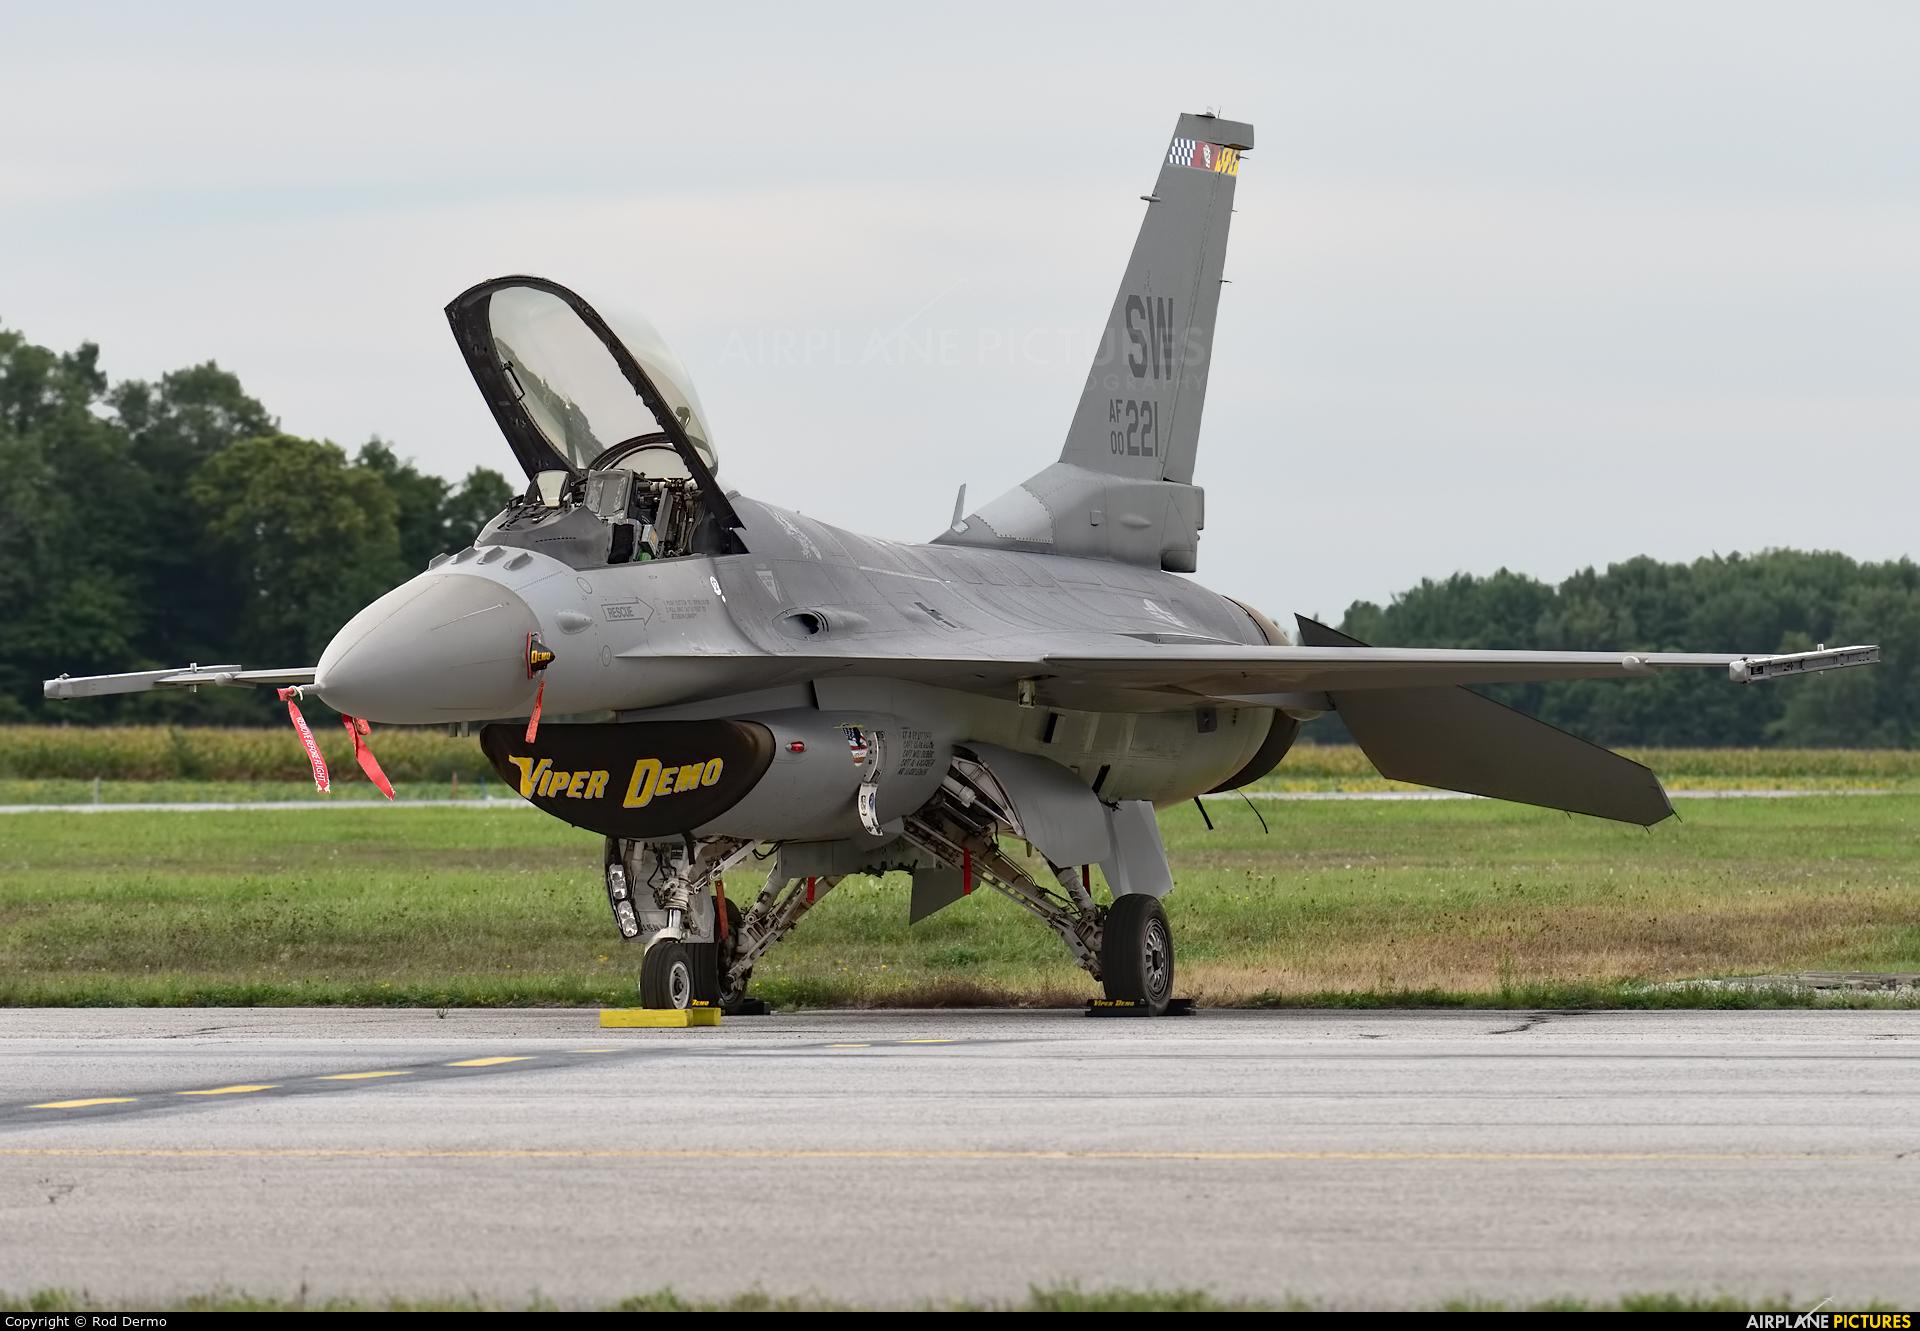 USA - Air Force 00-0221 aircraft at London  Intl, ON